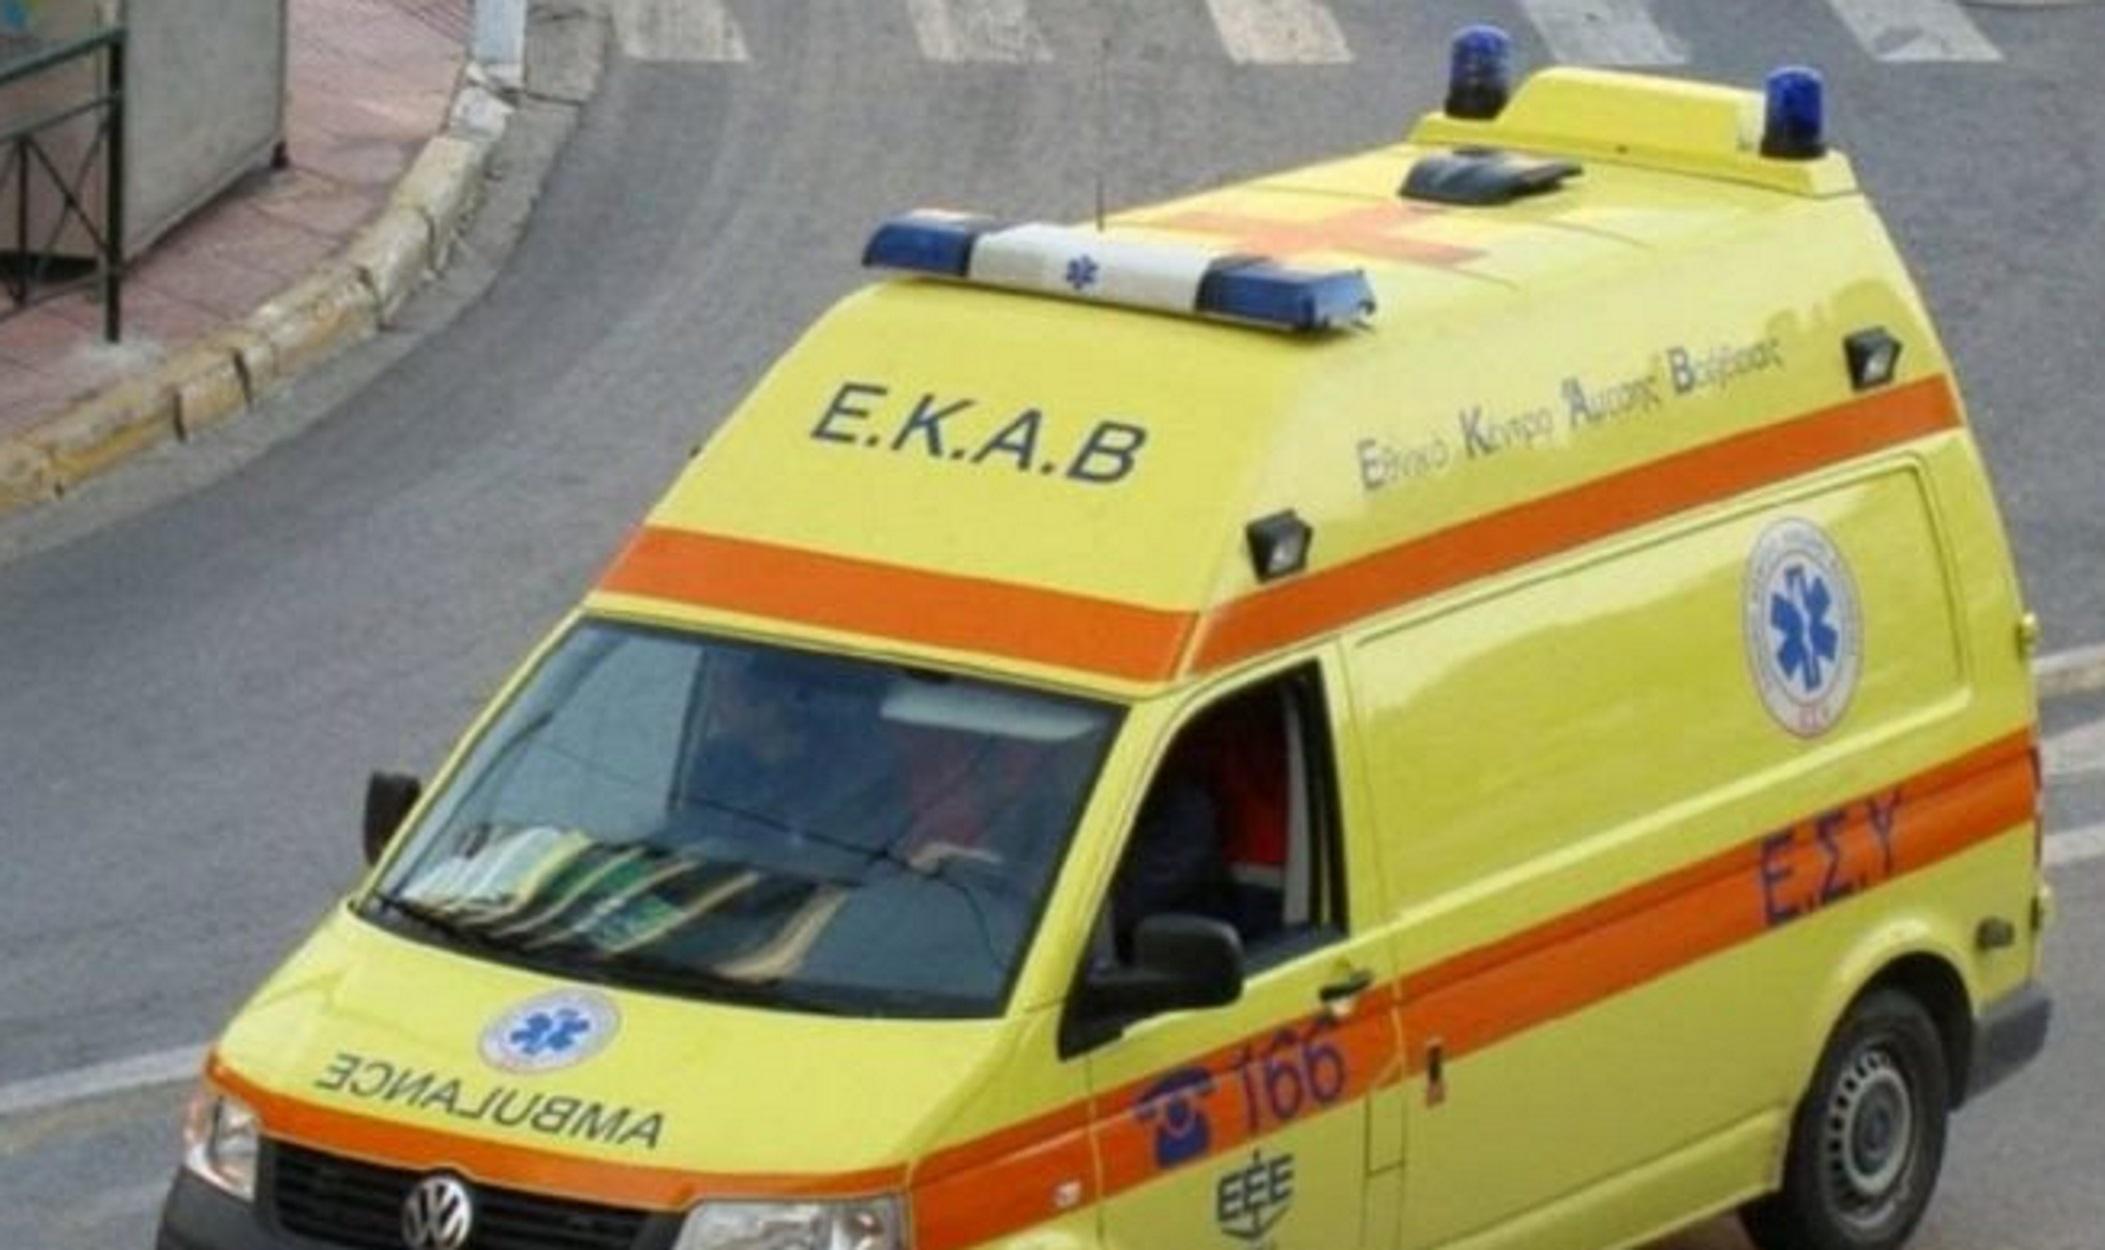 Σεισμός στην Αθήνα – Επίσημο: Δεν υπάρχουν μέχρι στιγμής τραυματίες ή θύματα!